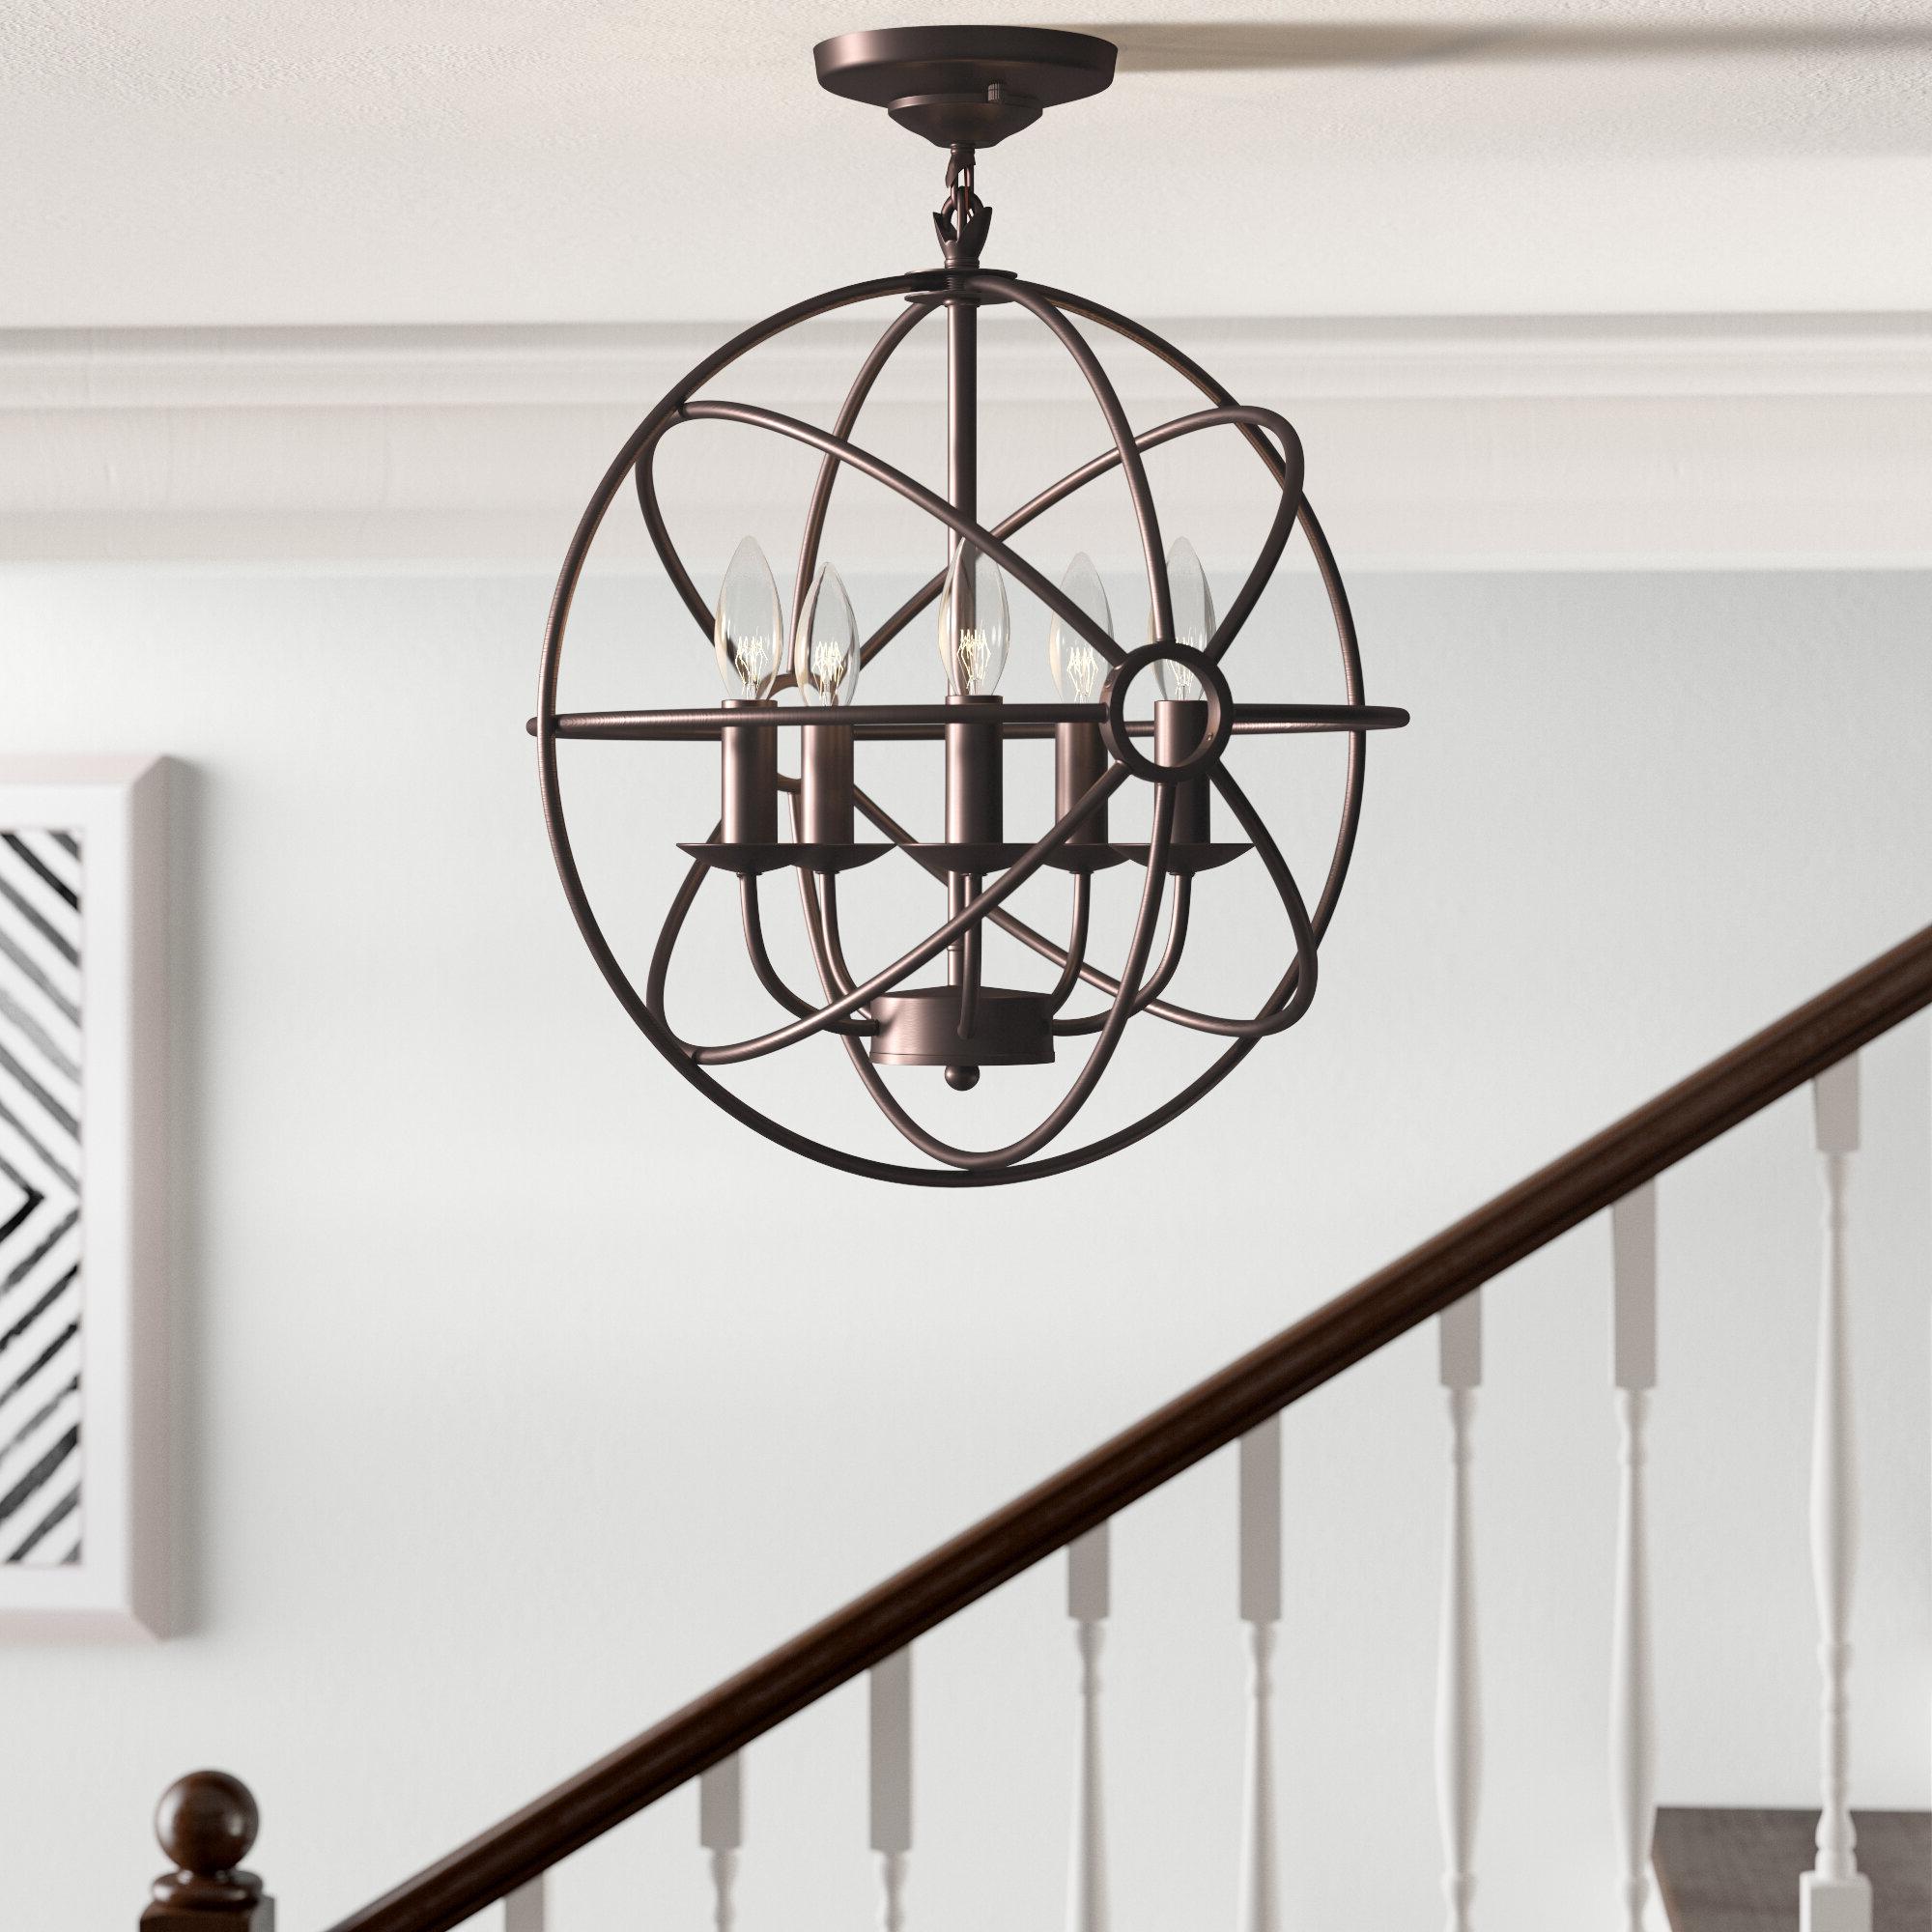 Most Recent Douglass 5 Light Globe Chandelier Inside Hendry 4 Light Globe Chandeliers (Gallery 18 of 20)